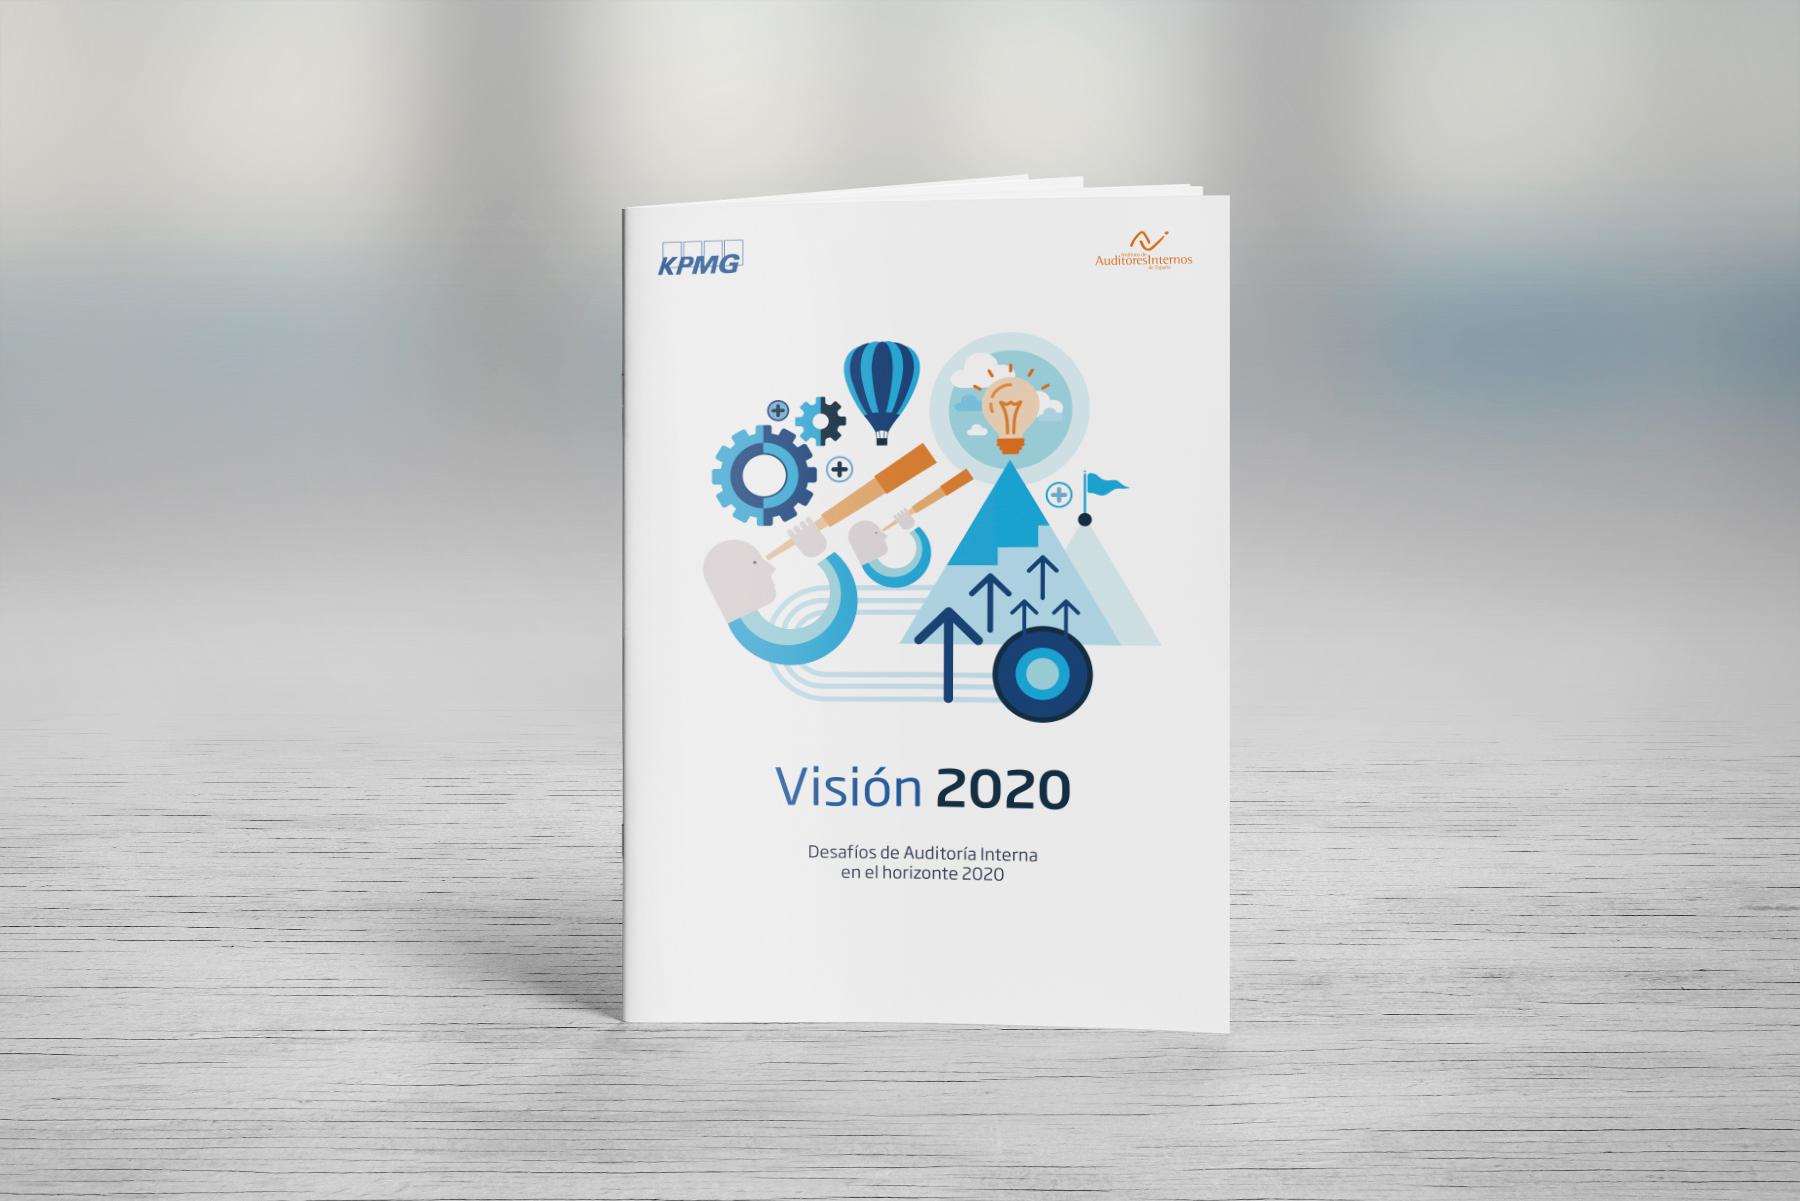 kpmg_vision1800_01